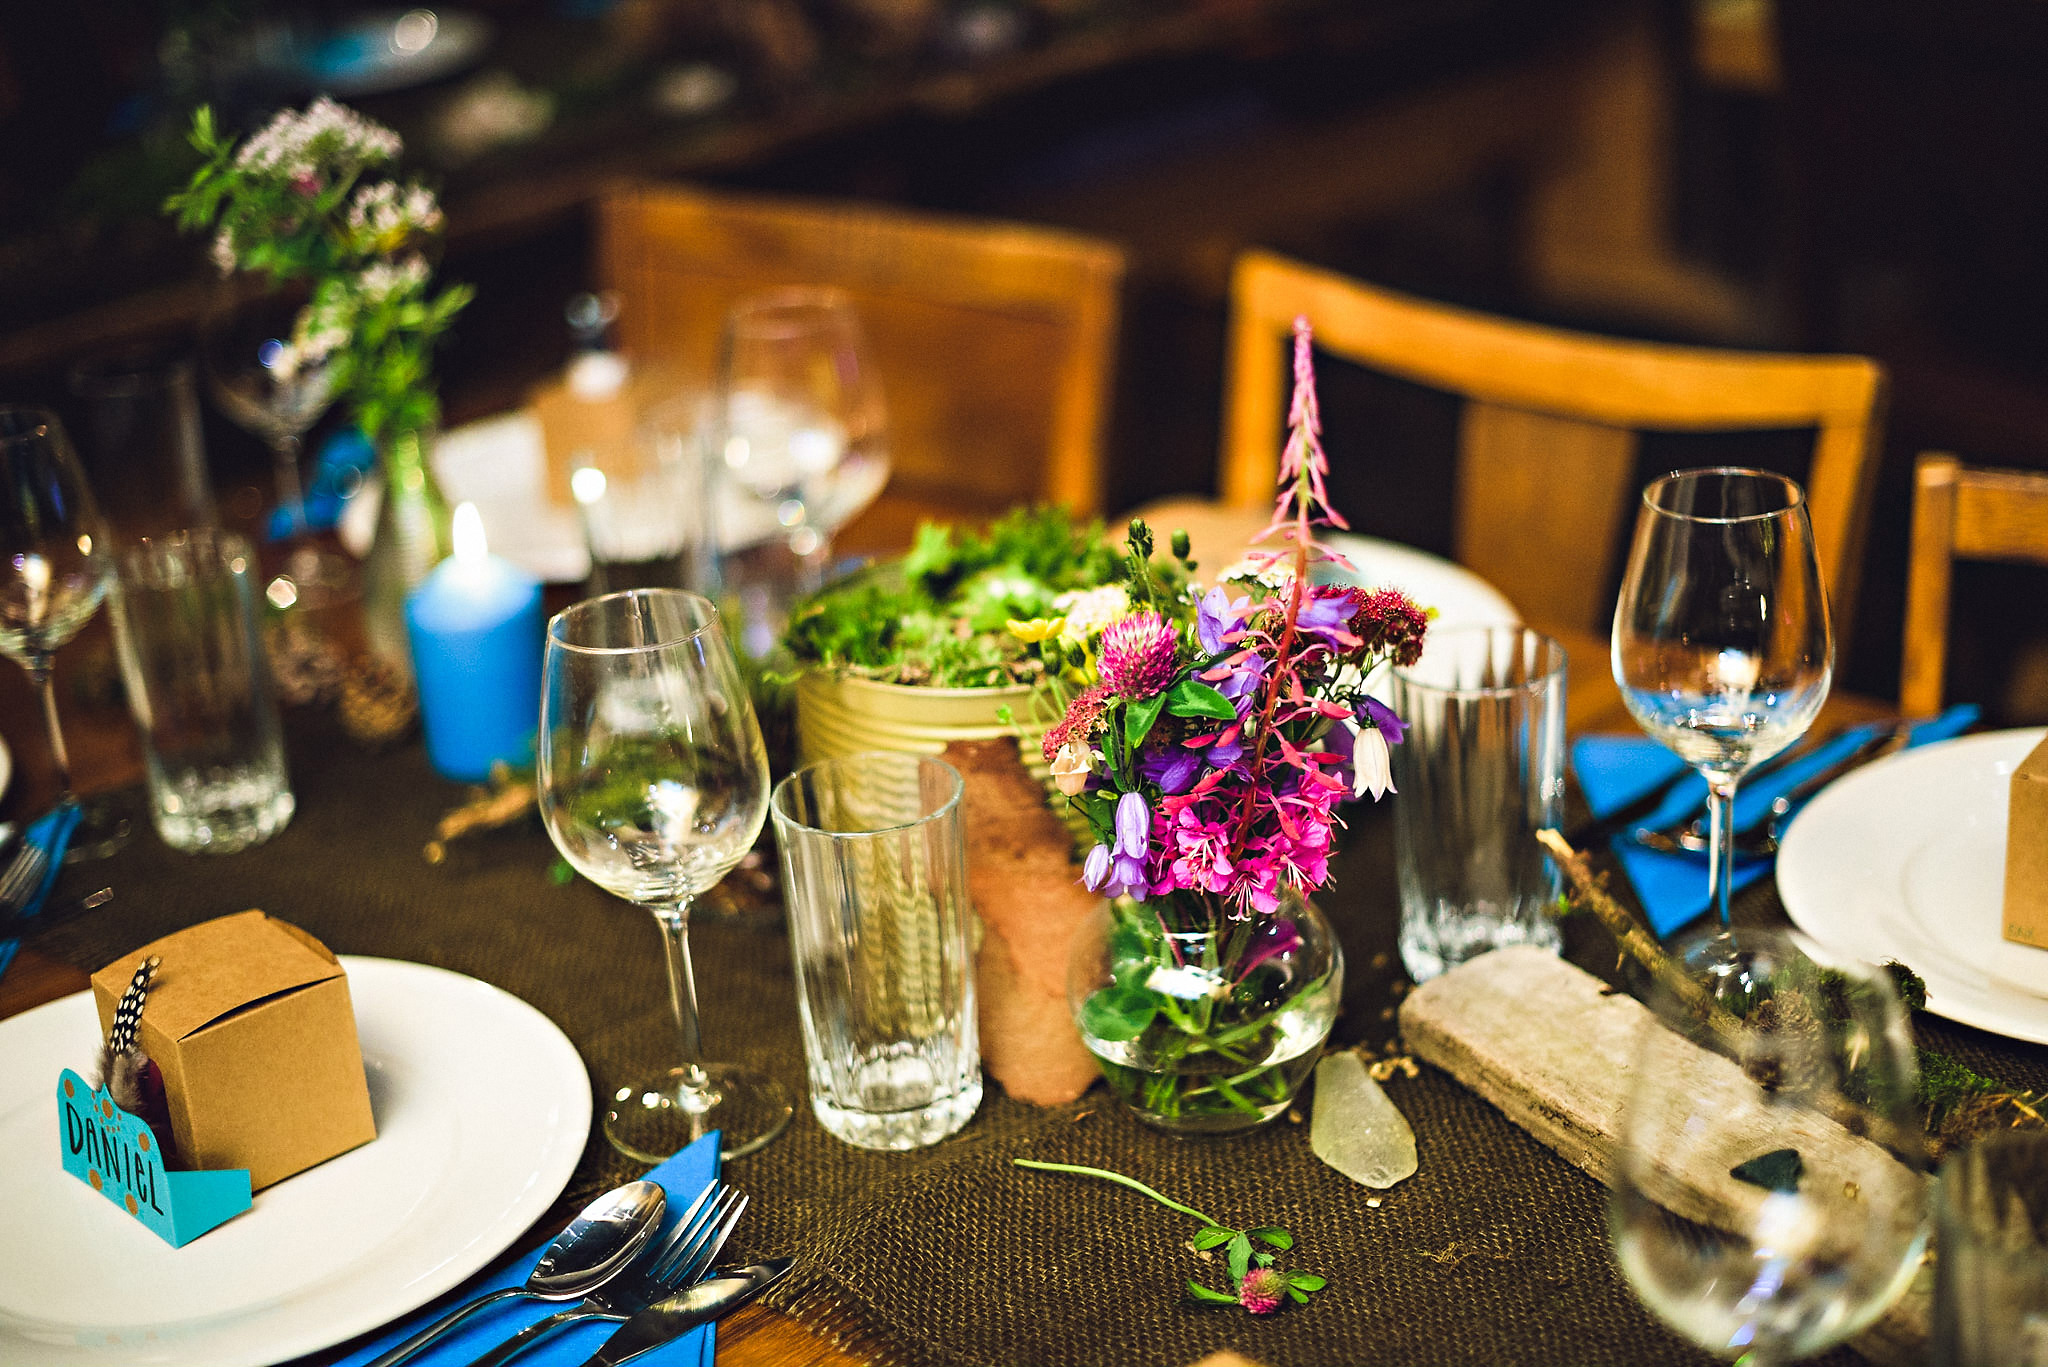 Egenplukka markblomster gjør seg kjempefint på bordene. Foto:  Eirik Halvorsen